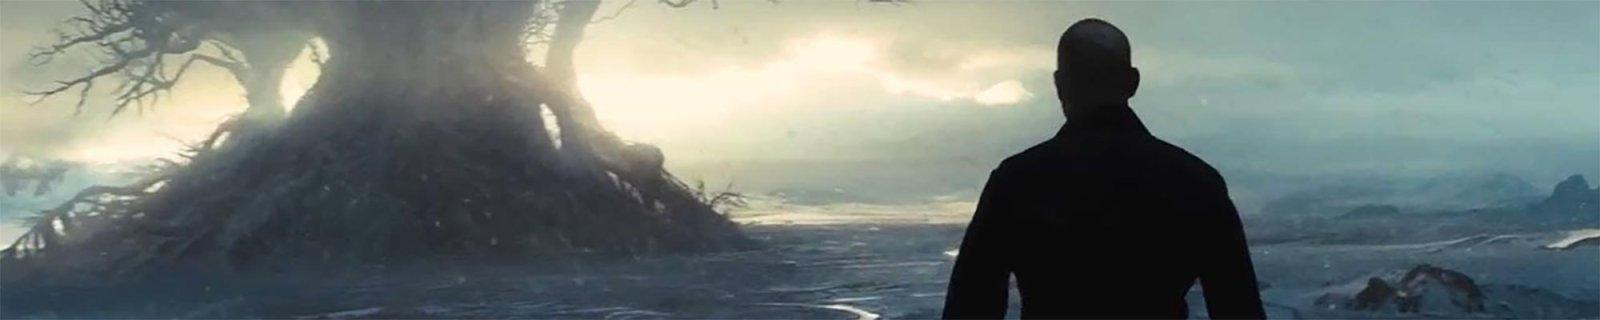 如果你喜欢巫师3 你可能会喜欢这部电影